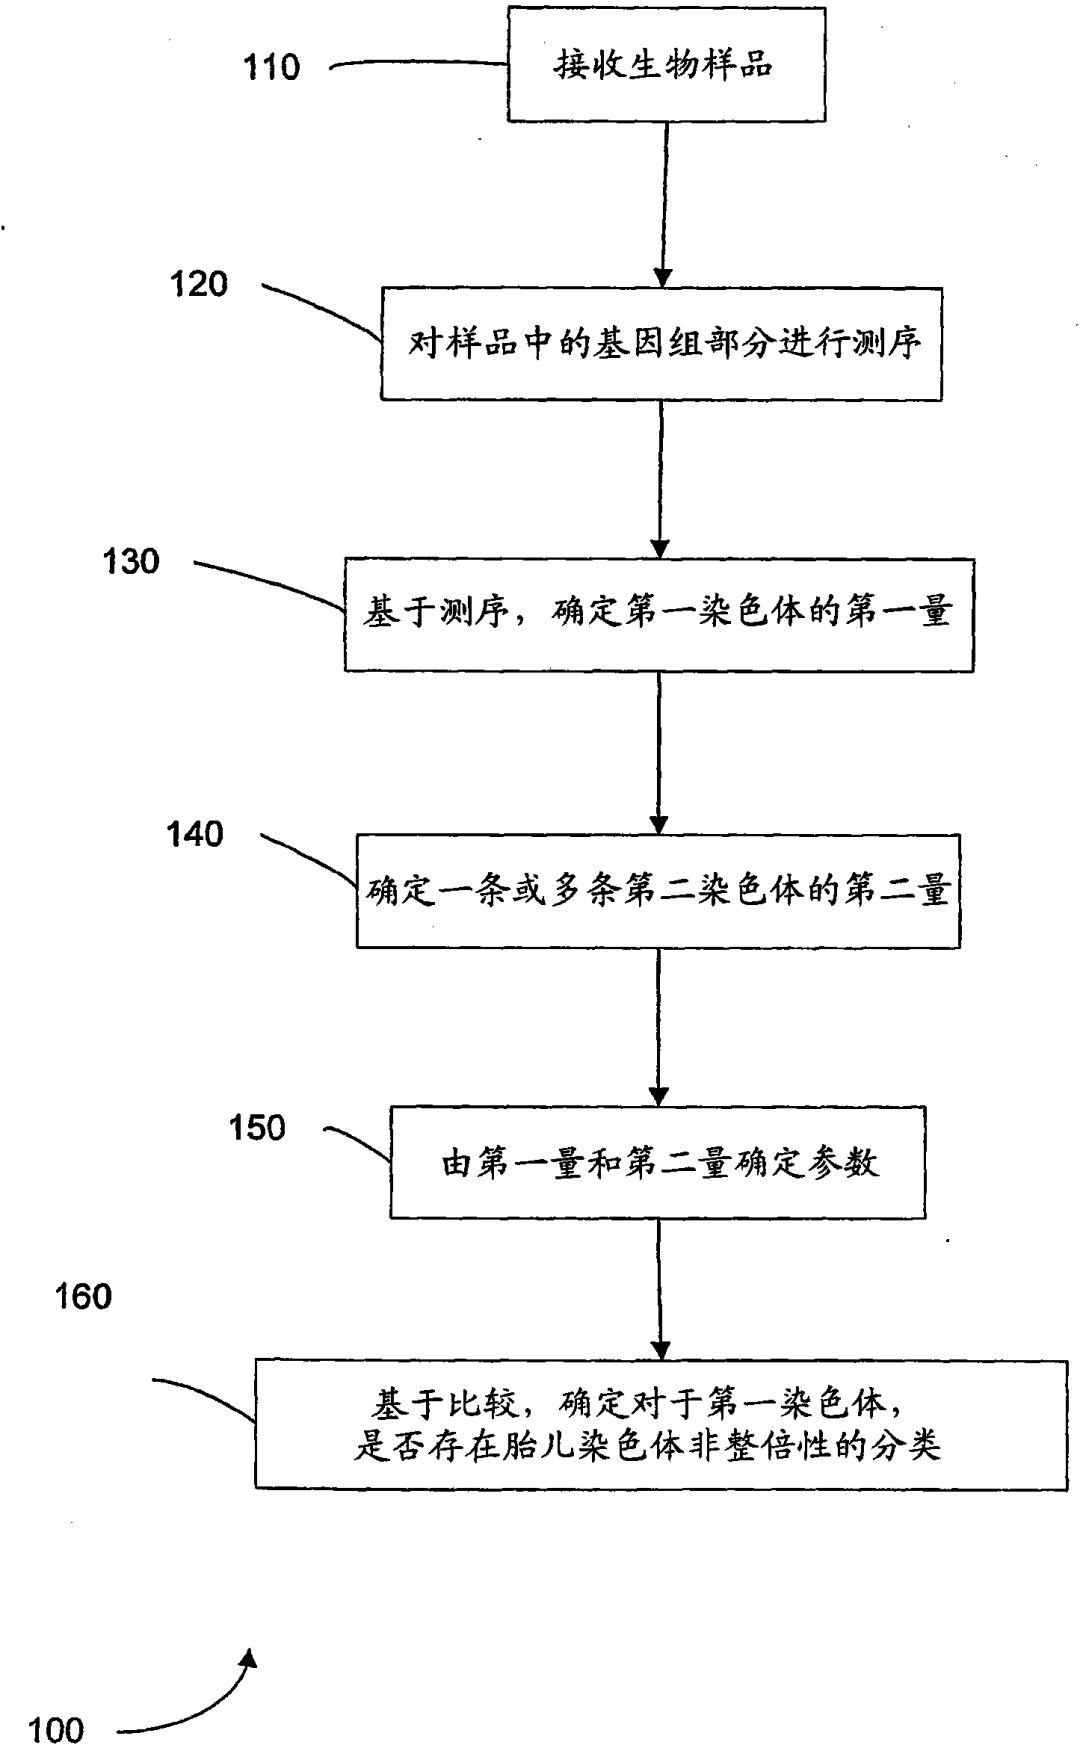 胎儿基因组测序计算机系统发明专利申请被驳回,香港中文大学诉称该系统非疾病诊疗方法